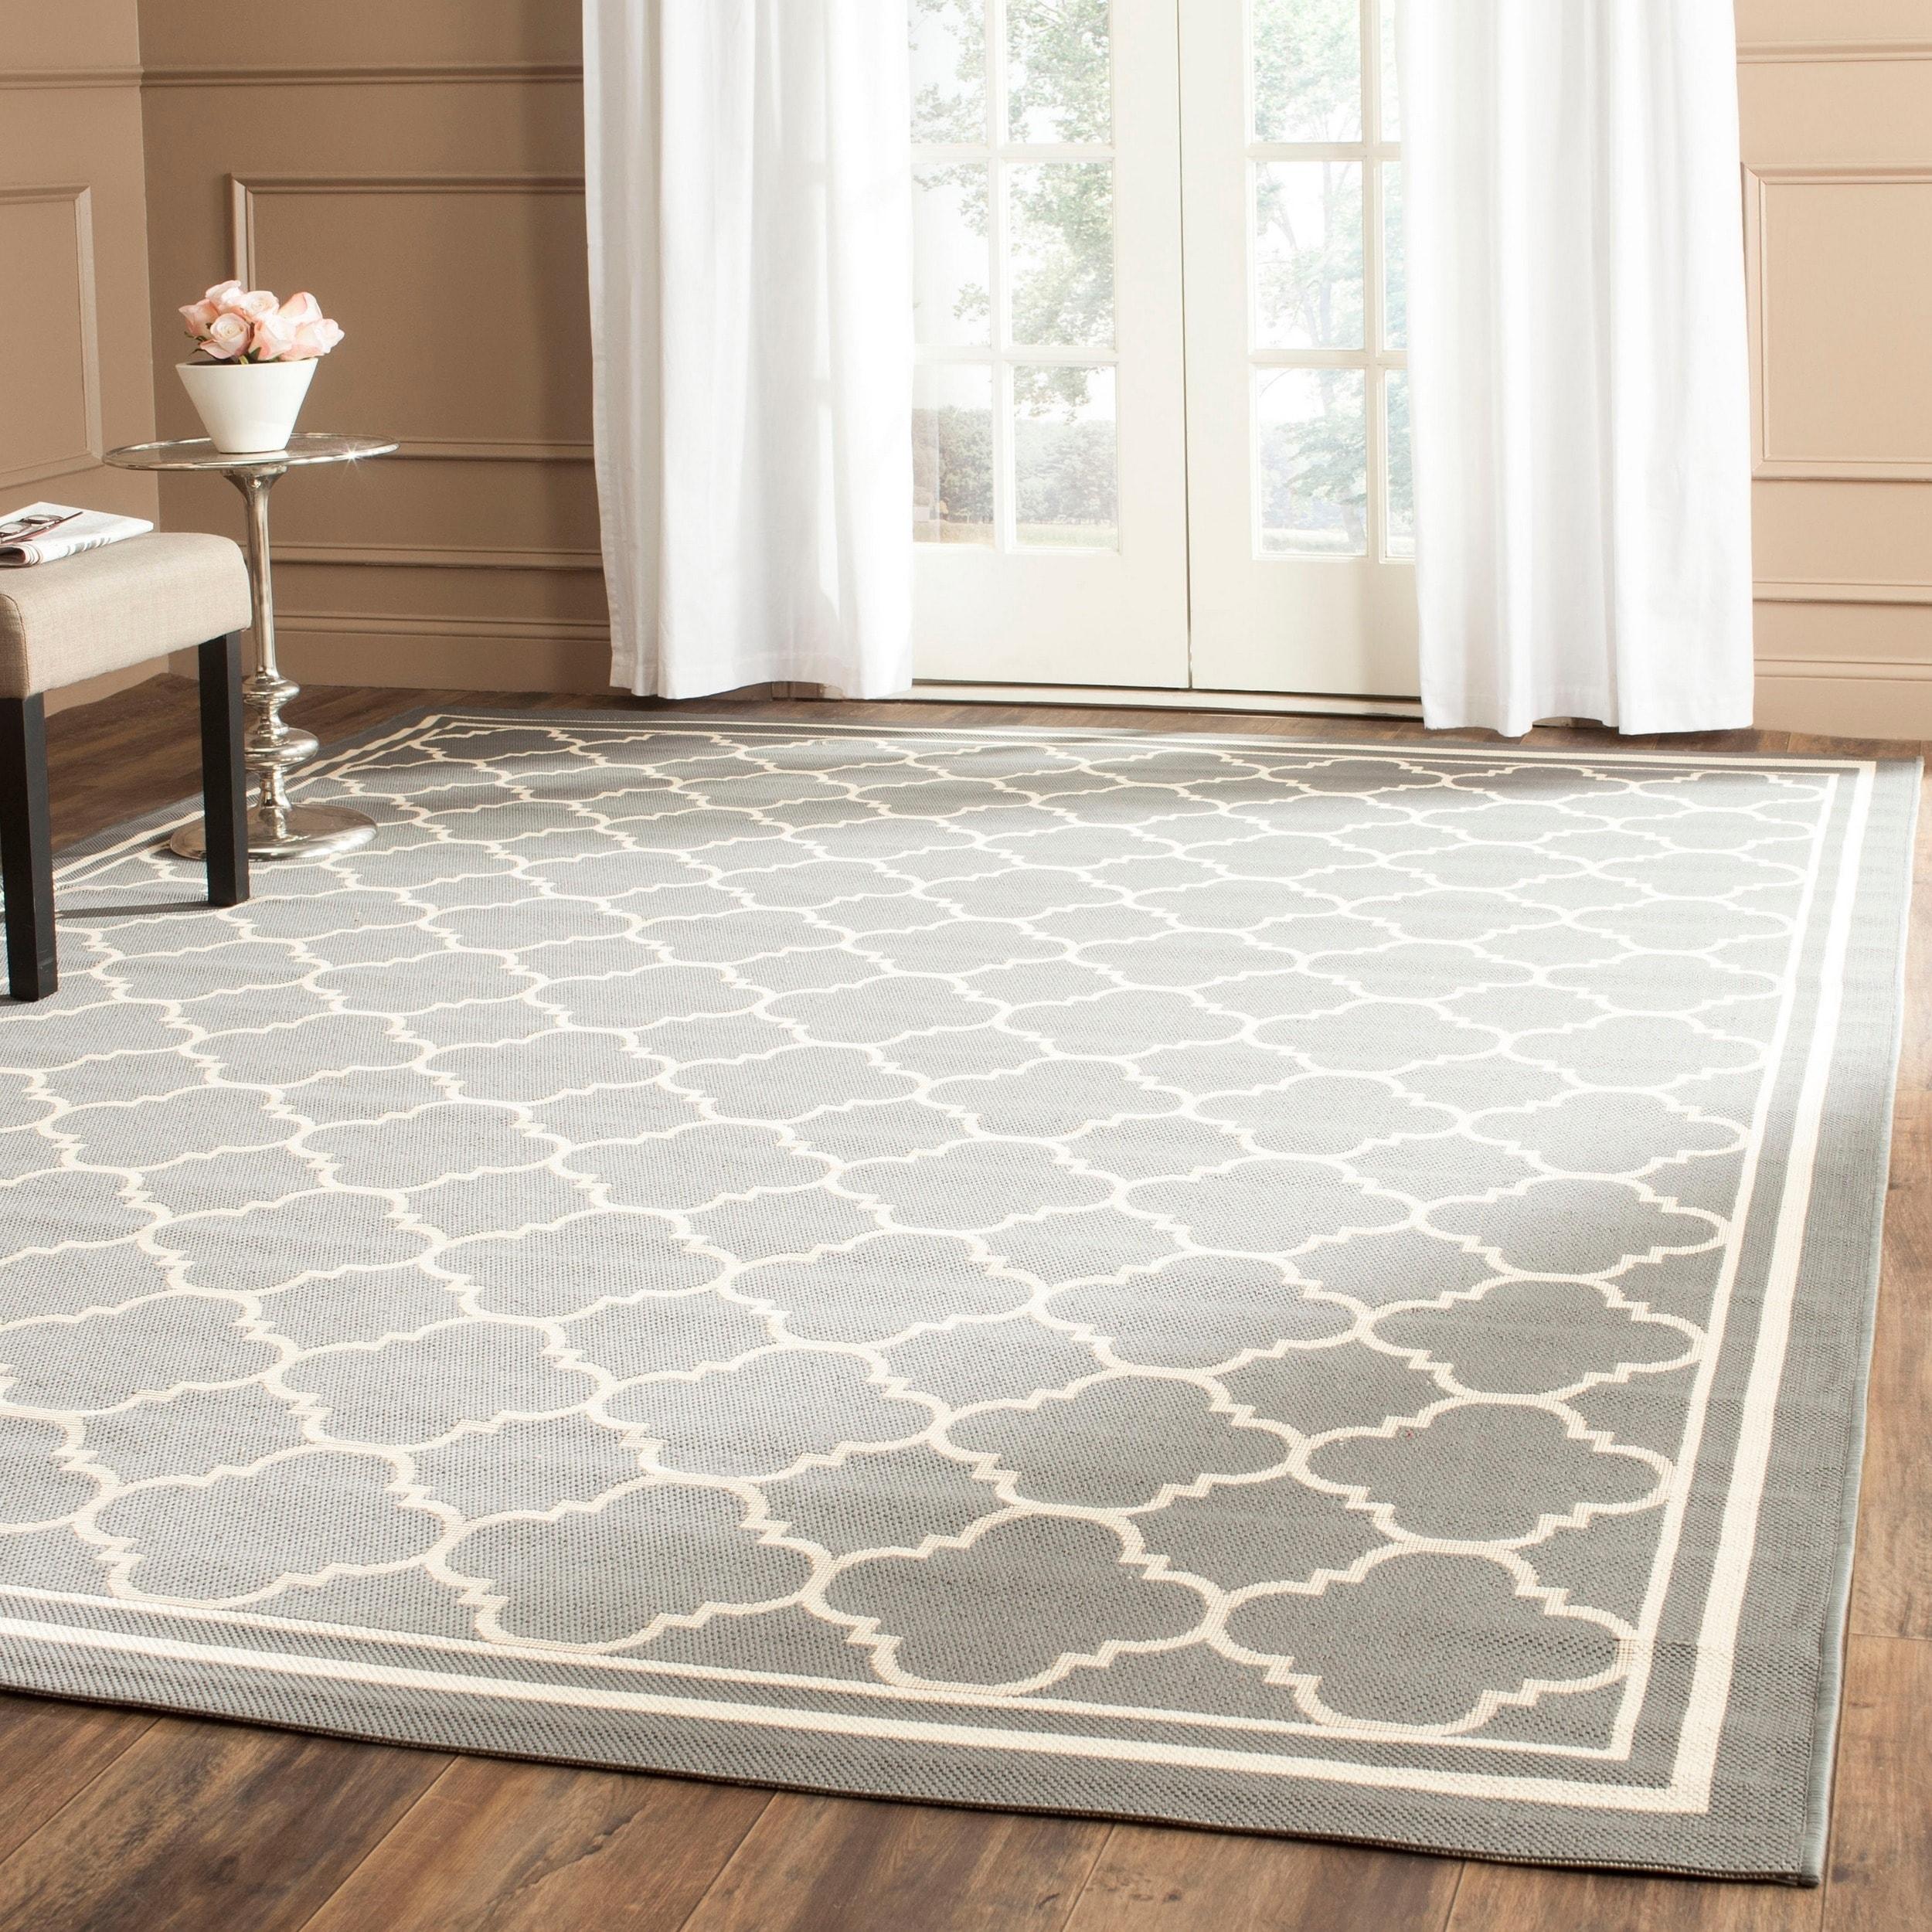 indoor indooroutdoor area linden outdoor rugs texture beigebrown beige brown sale beachcrest reviews pdx home rug wayfair